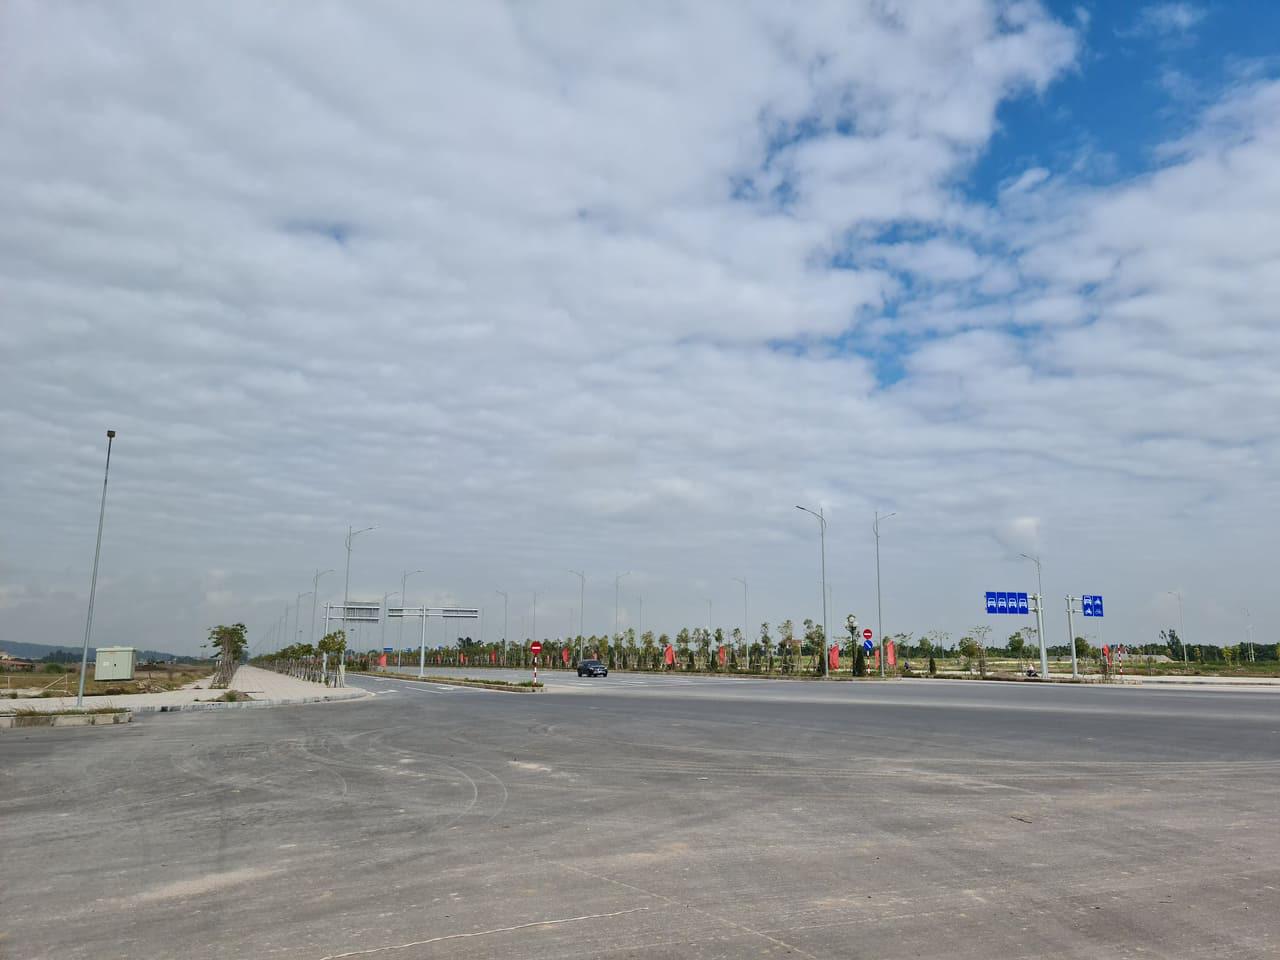 Hải Phòng: Huyện Thủy Nguyên sắp lên phố người dân phấn khởi, giá đất tăng vọt - Ảnh 1.